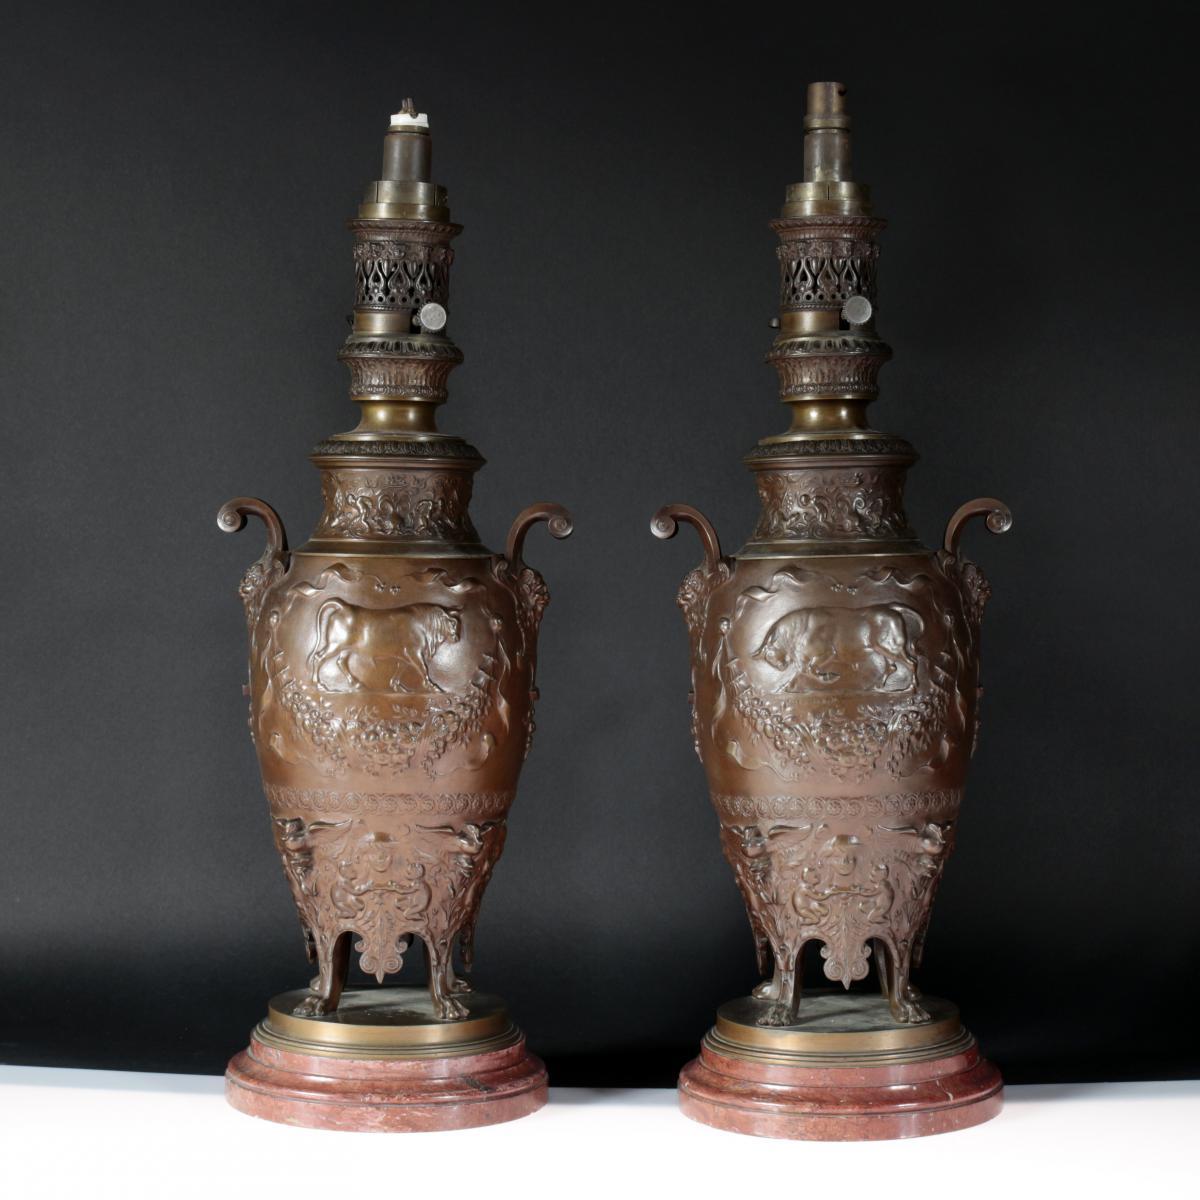 Ferdinand Levillain (1837-1905), Paire de lampes en bronze, XIXe